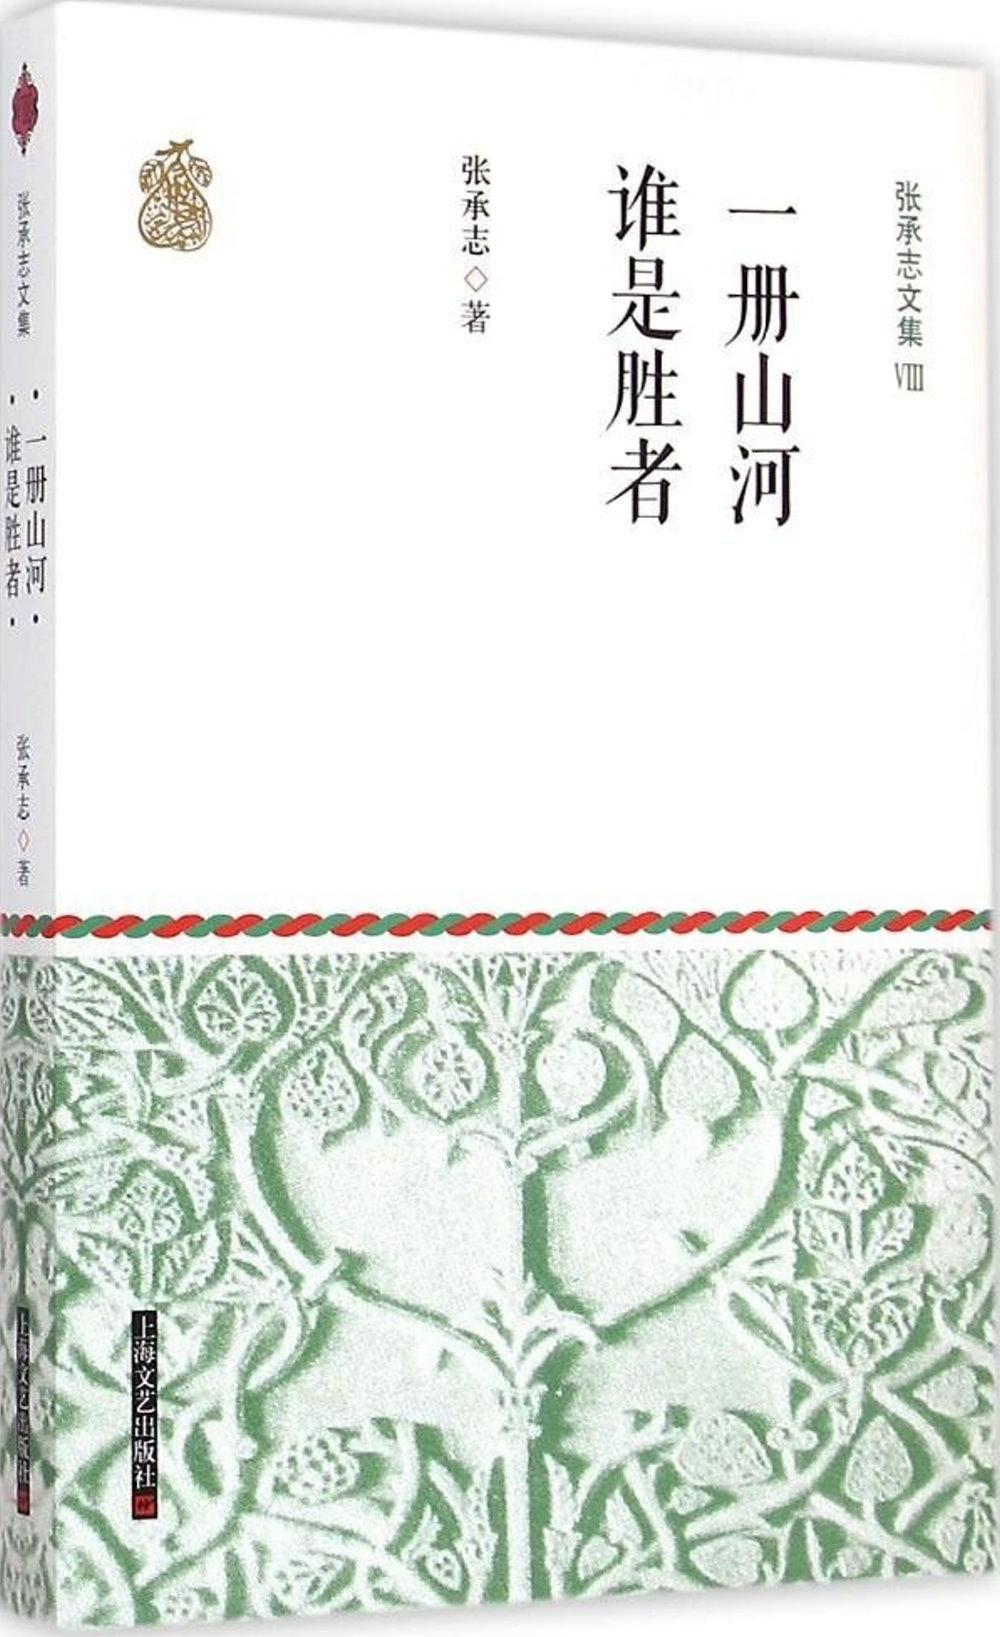 張承志文集(Ⅷ):一冊山河 誰是勝者